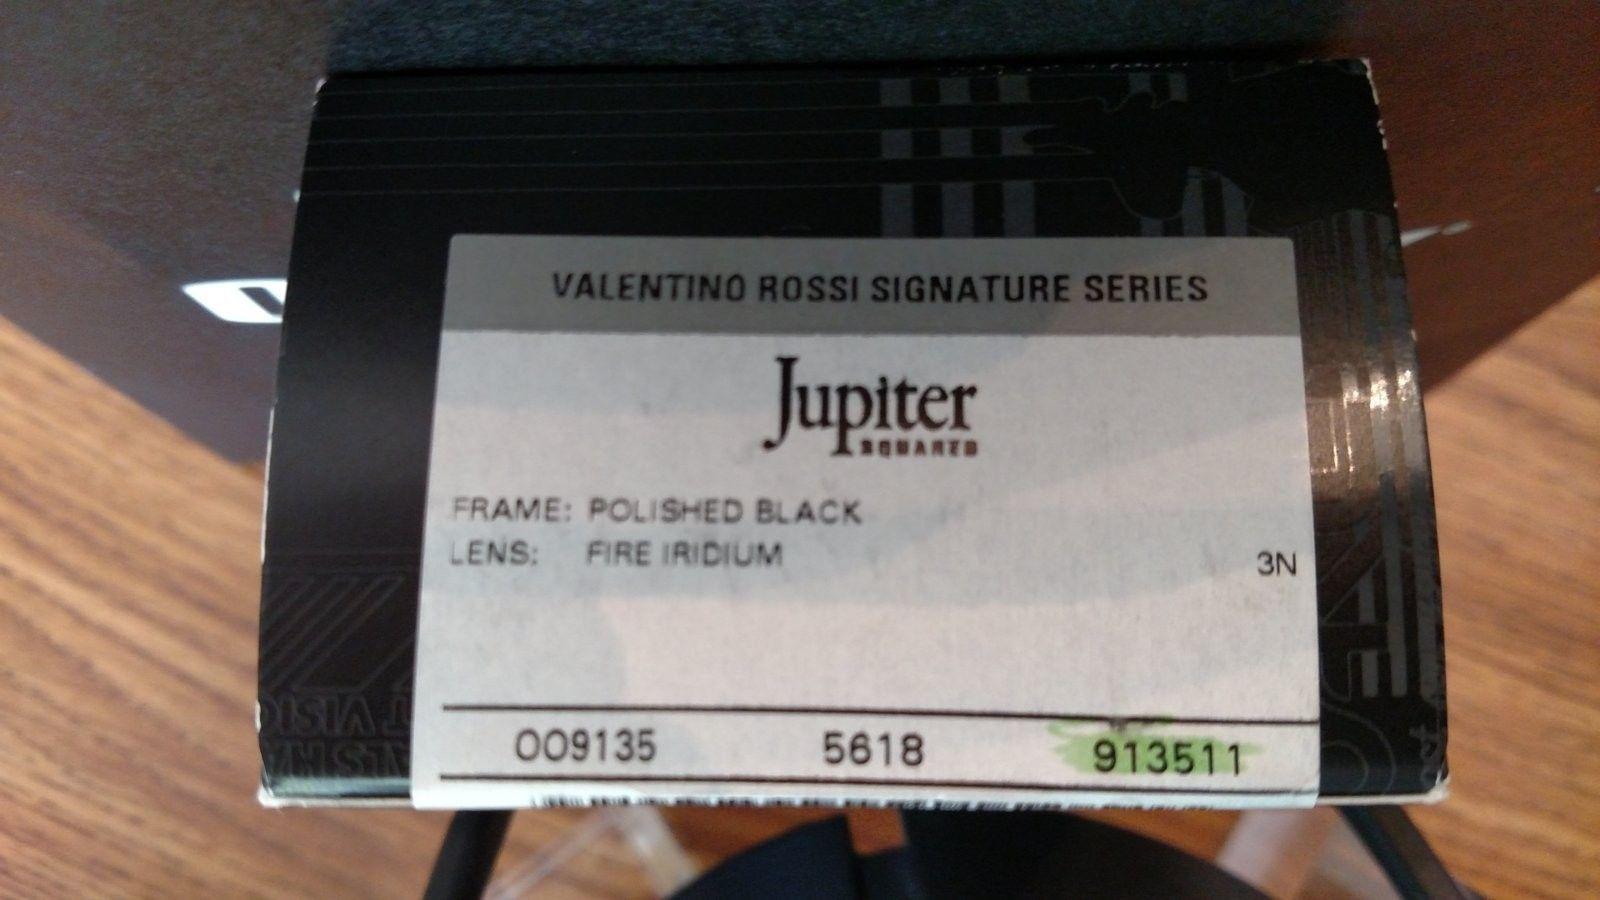 Valentino Rossi Signature series - Jupiter squared/New - IMG_20160610_110501095.jpg